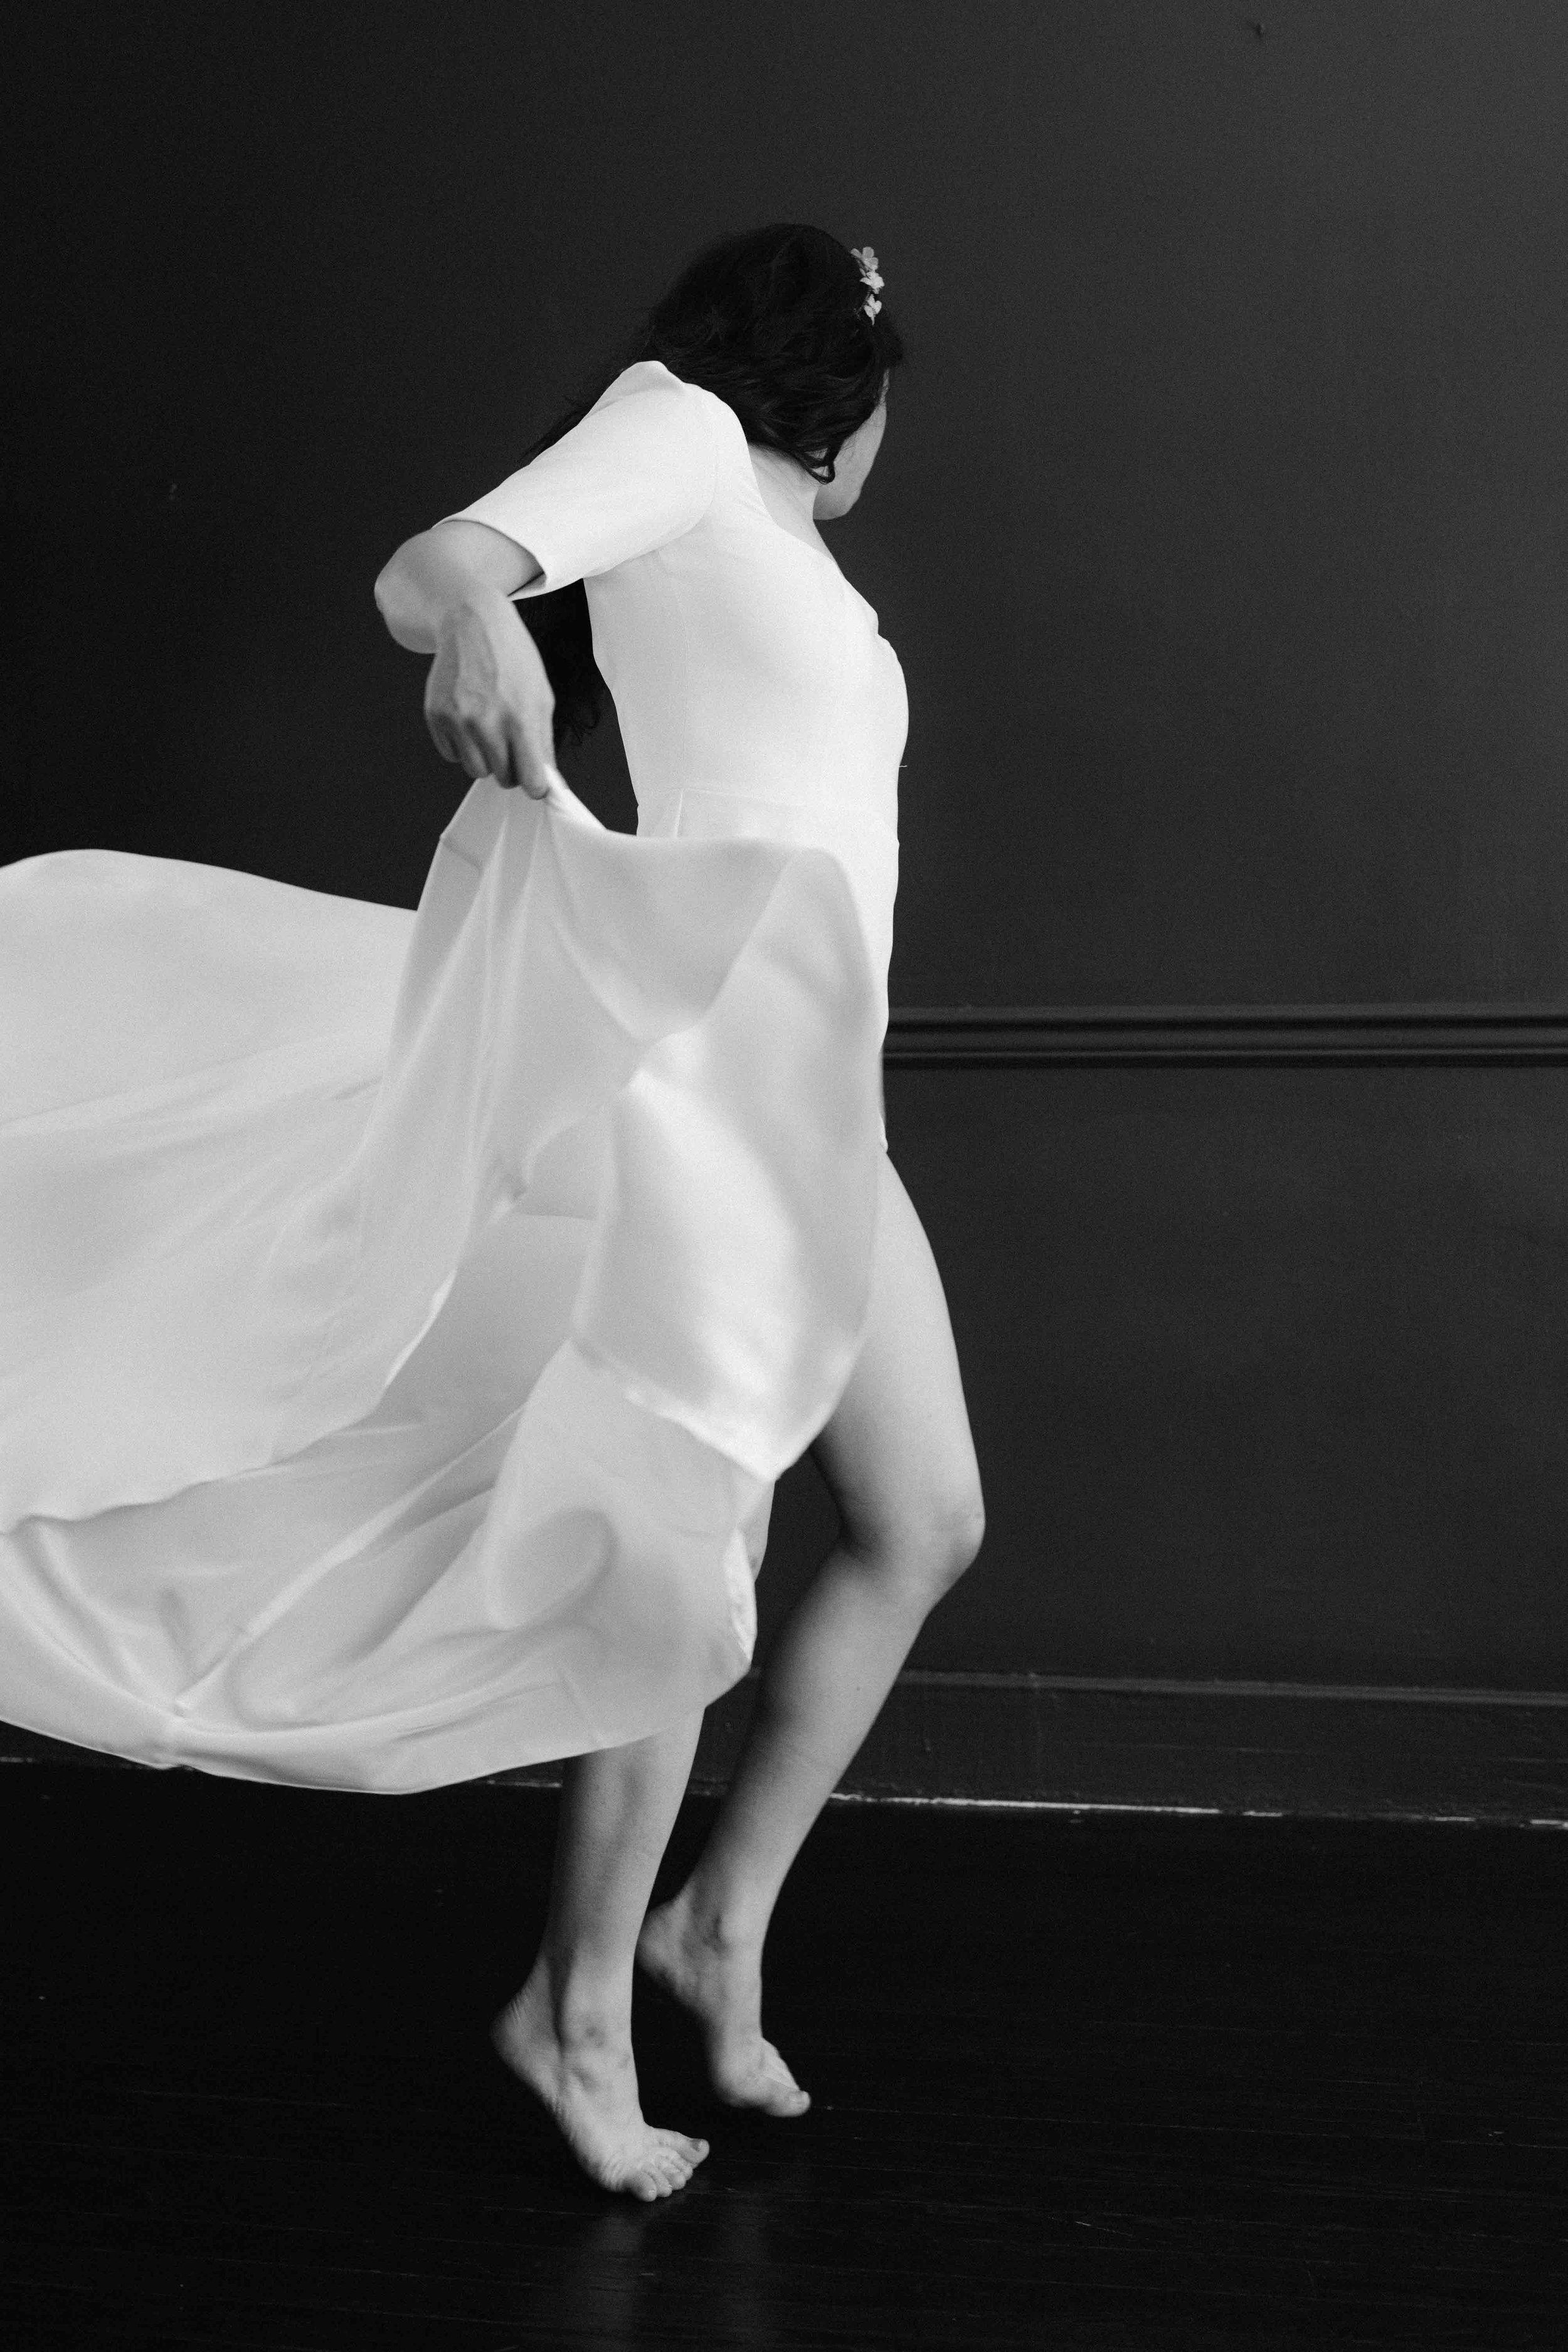 04162019-Diana Dean-Eryc Perez de Tagle Photography-18.jpg